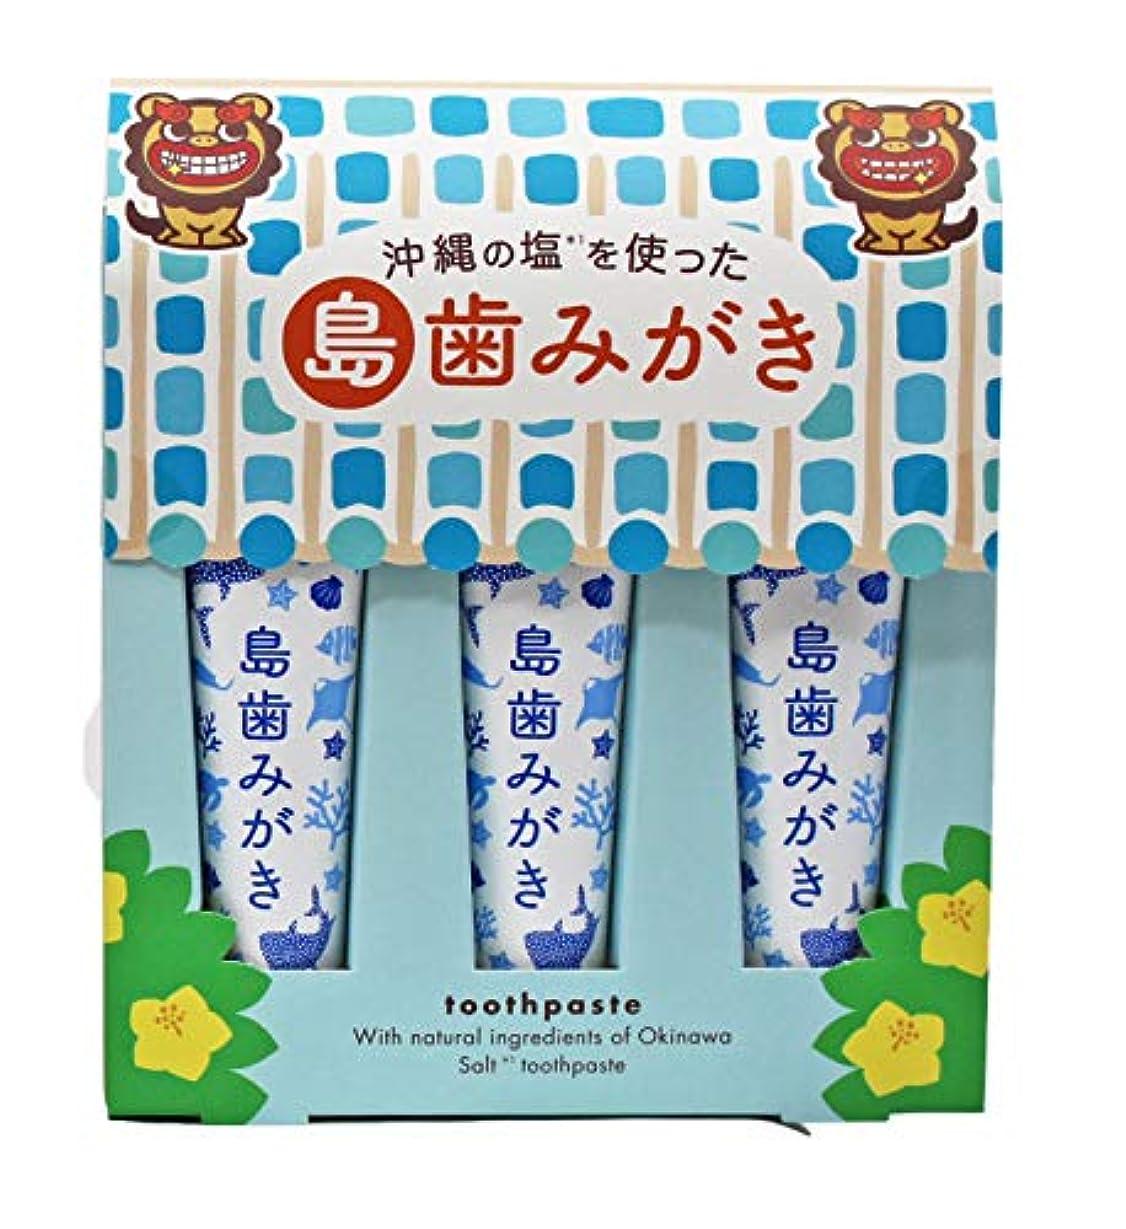 花抹消春沖縄の塩を使った島歯みがき (藍色) 15g×3本入り